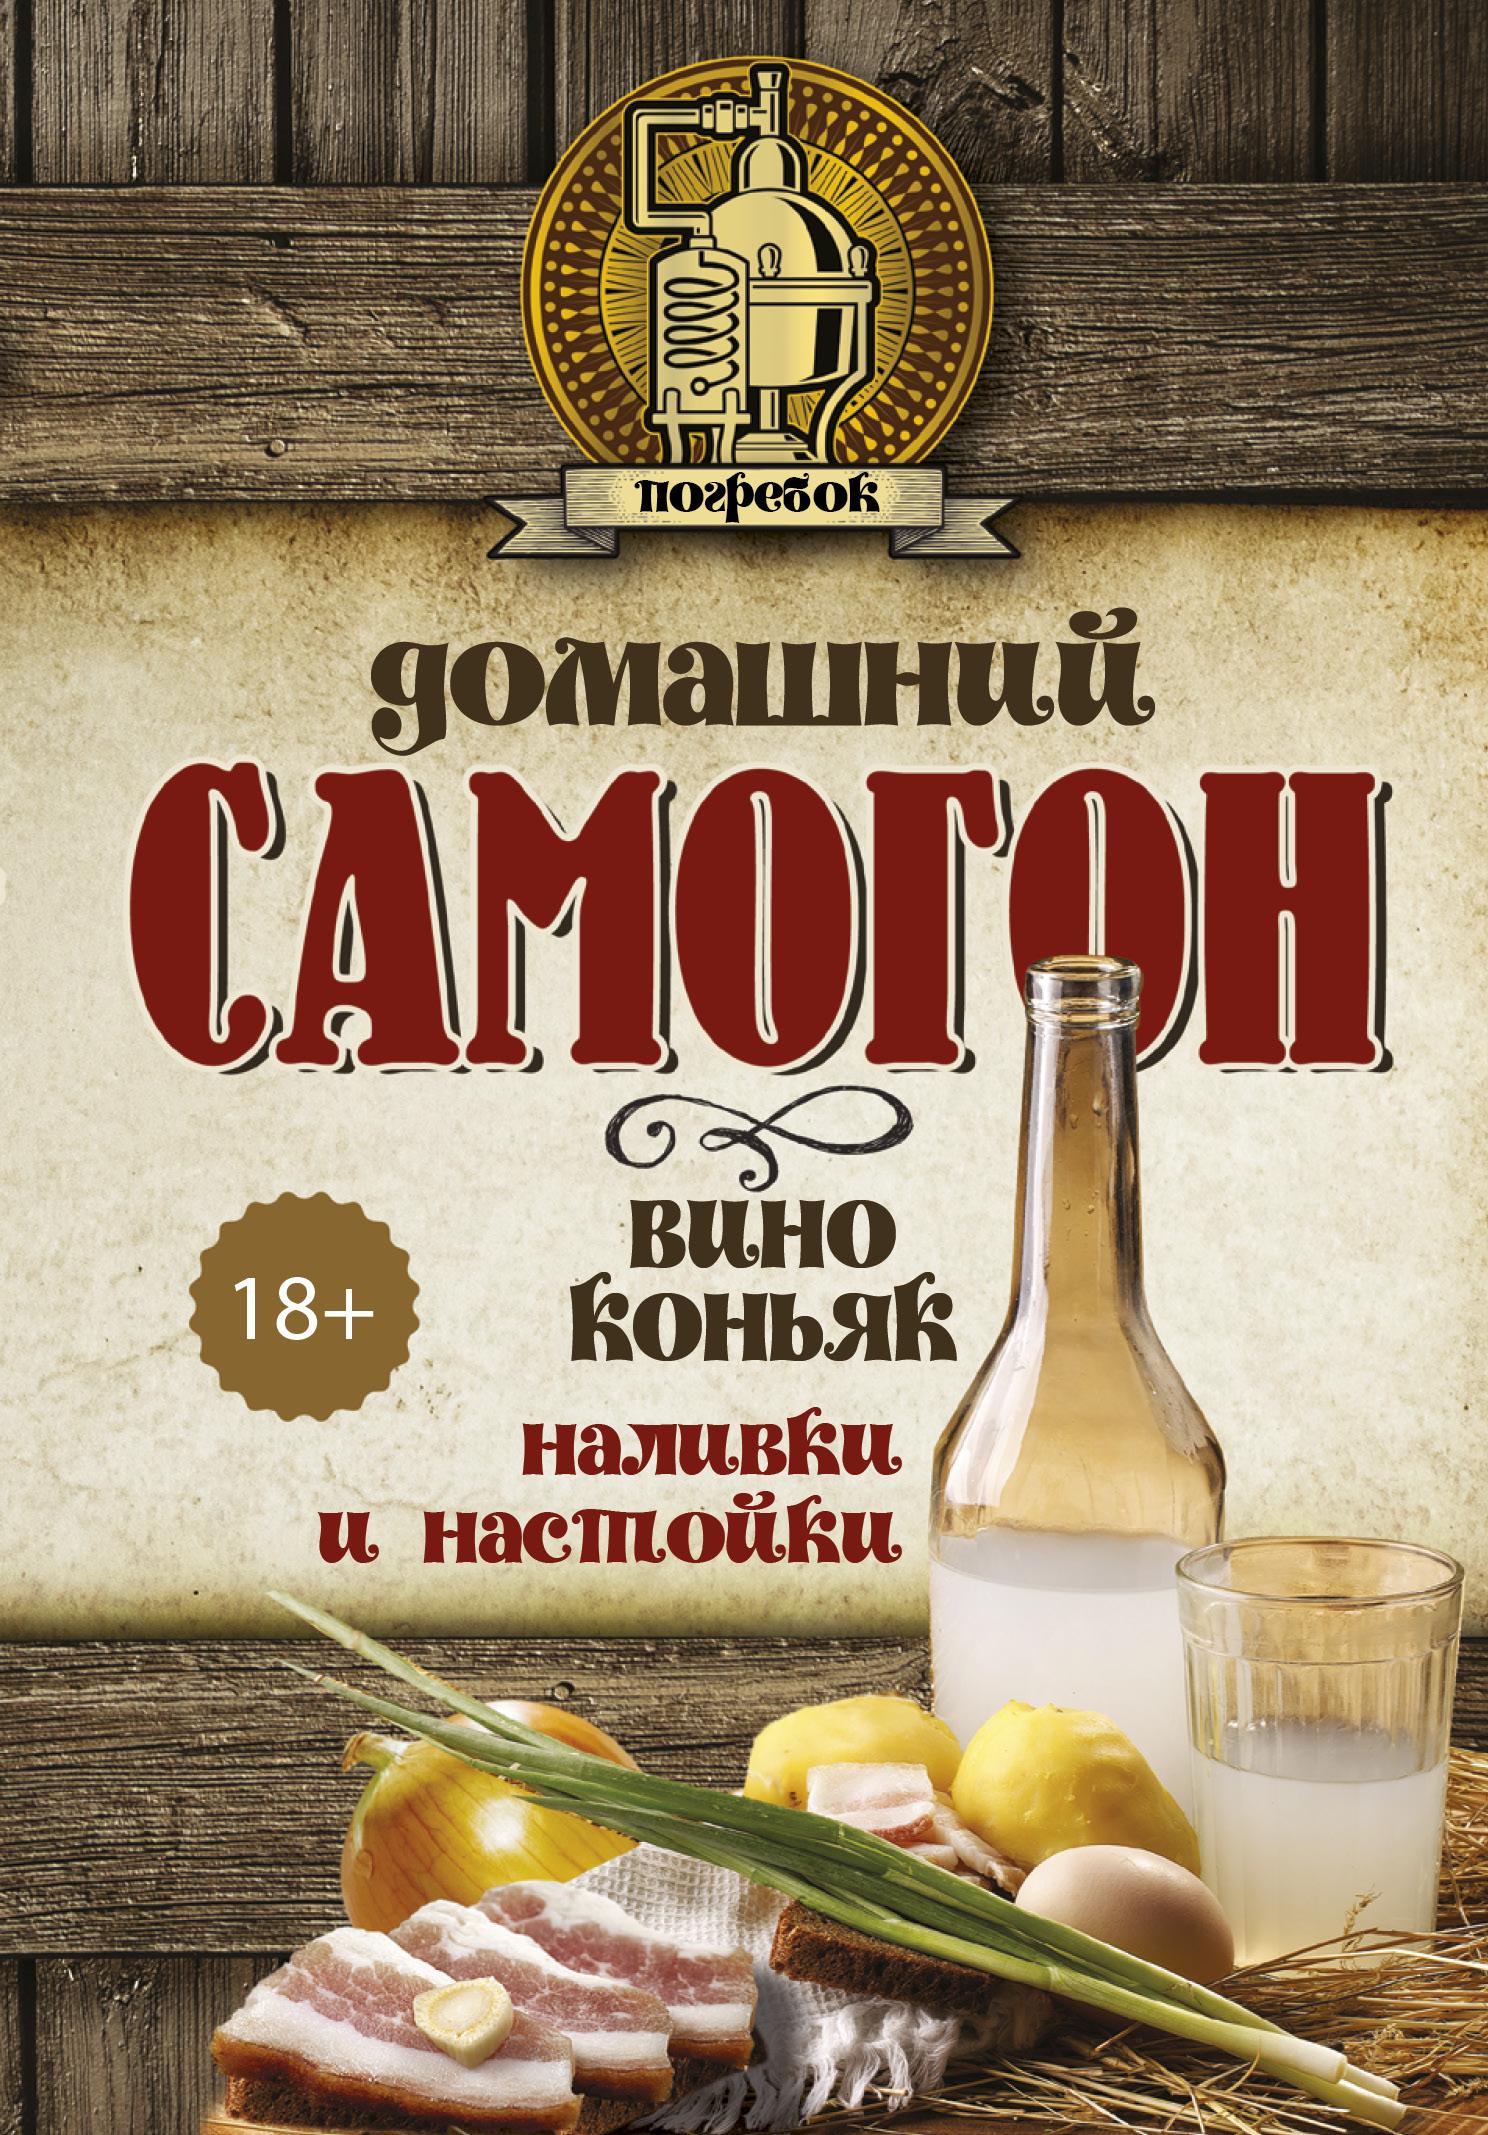 Домашний самогон, вино, коньяк, наливки и настойки ( Токарев Д.Н.  )